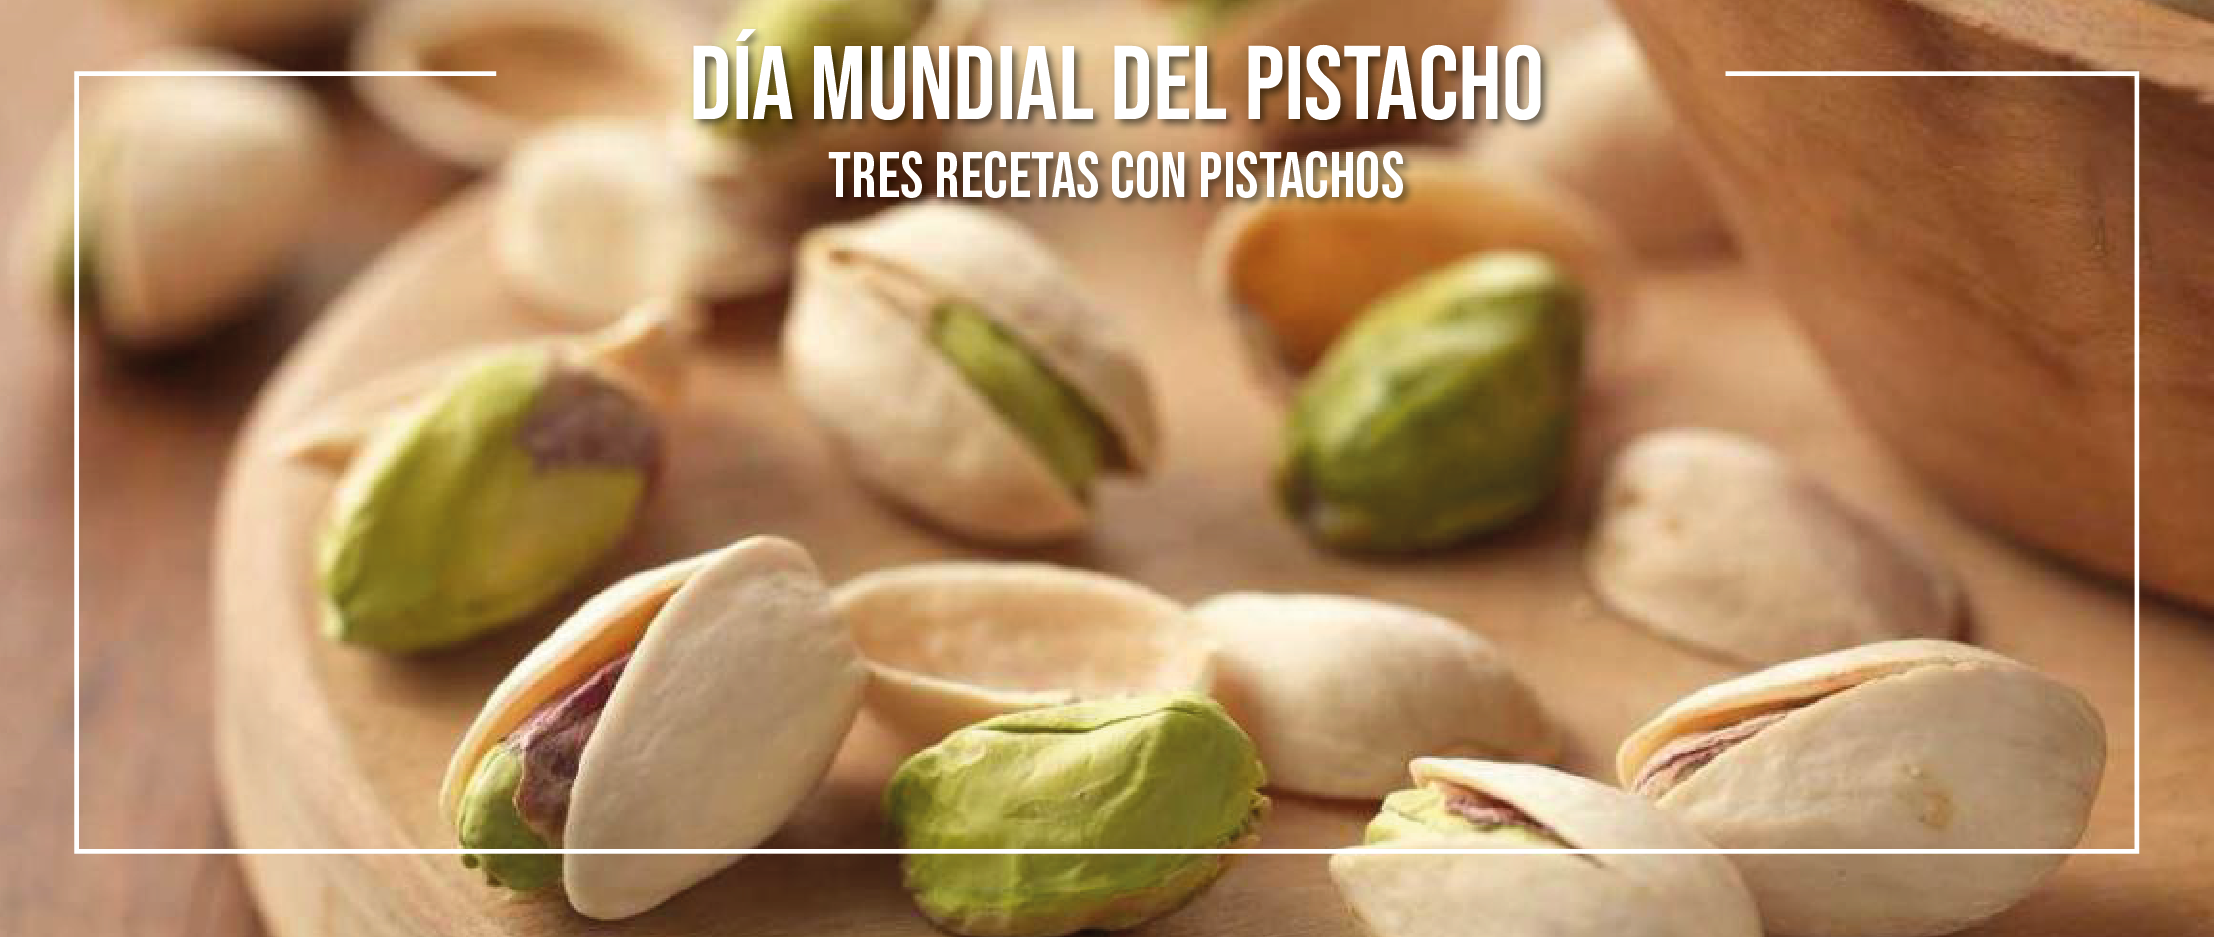 Recetas innovadoras de los alumnos en el día mundial del pistacho